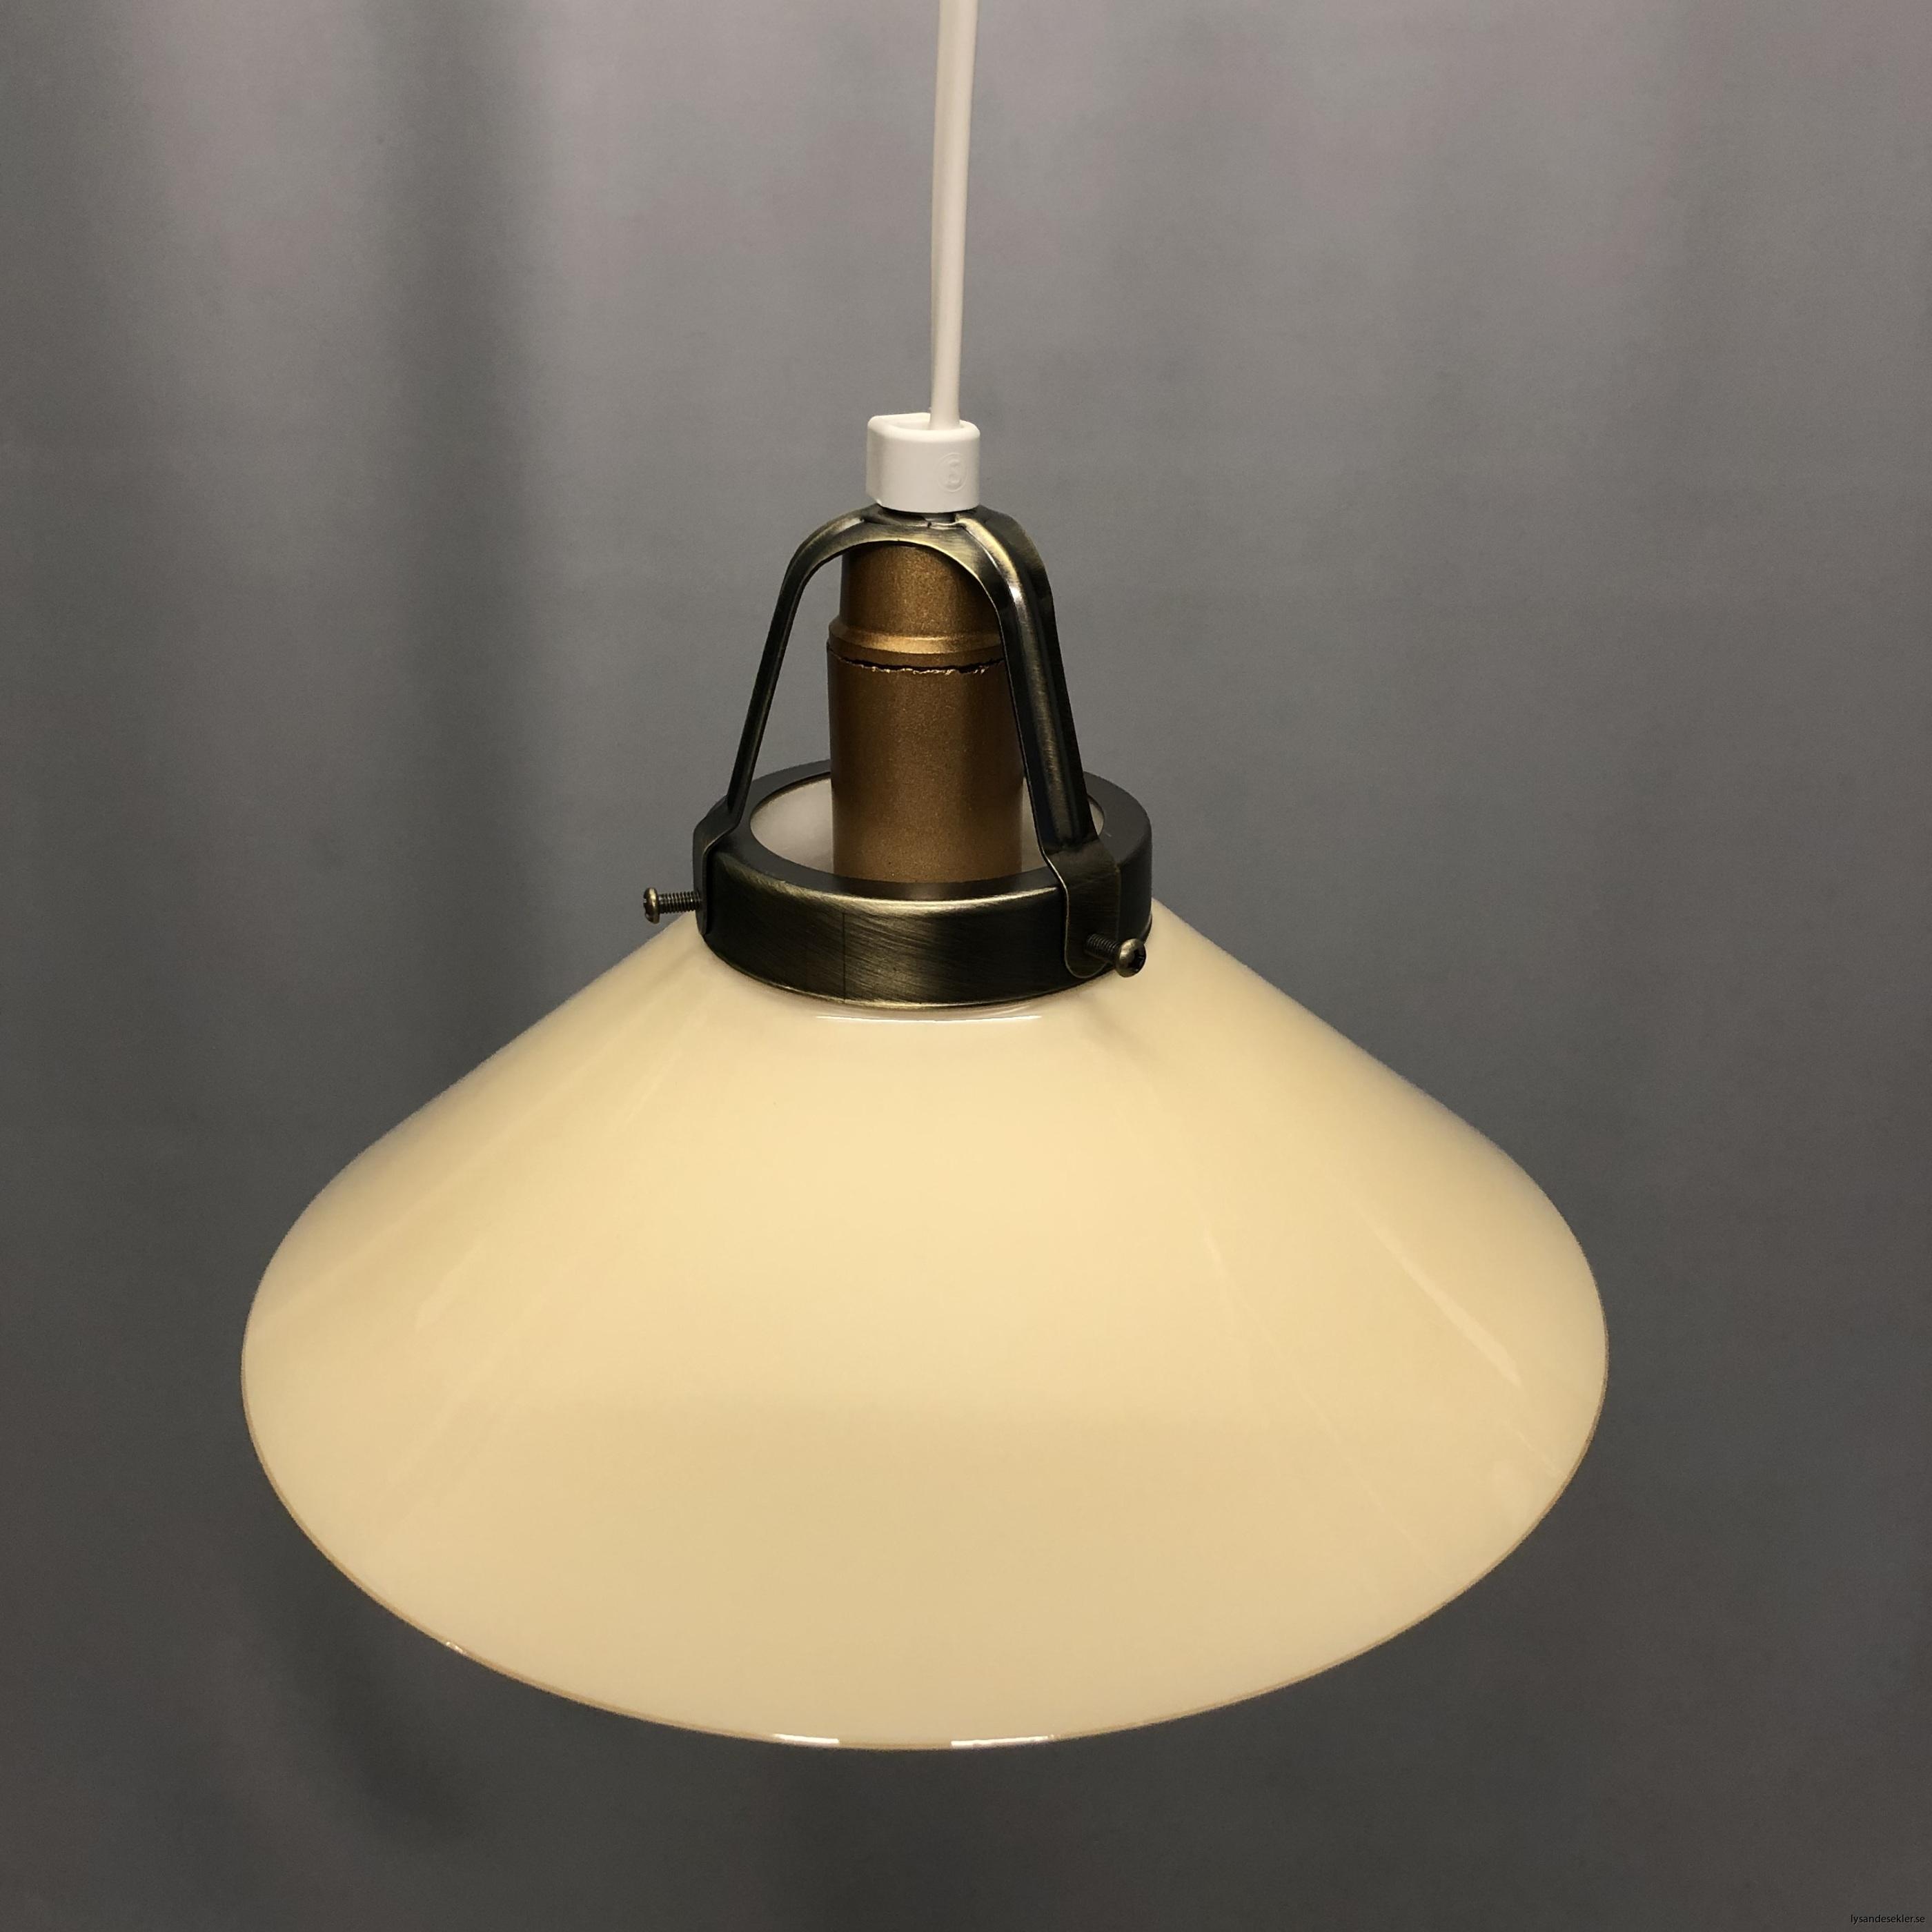 gul skomakarlampa skomakarelampa vanilj beige15